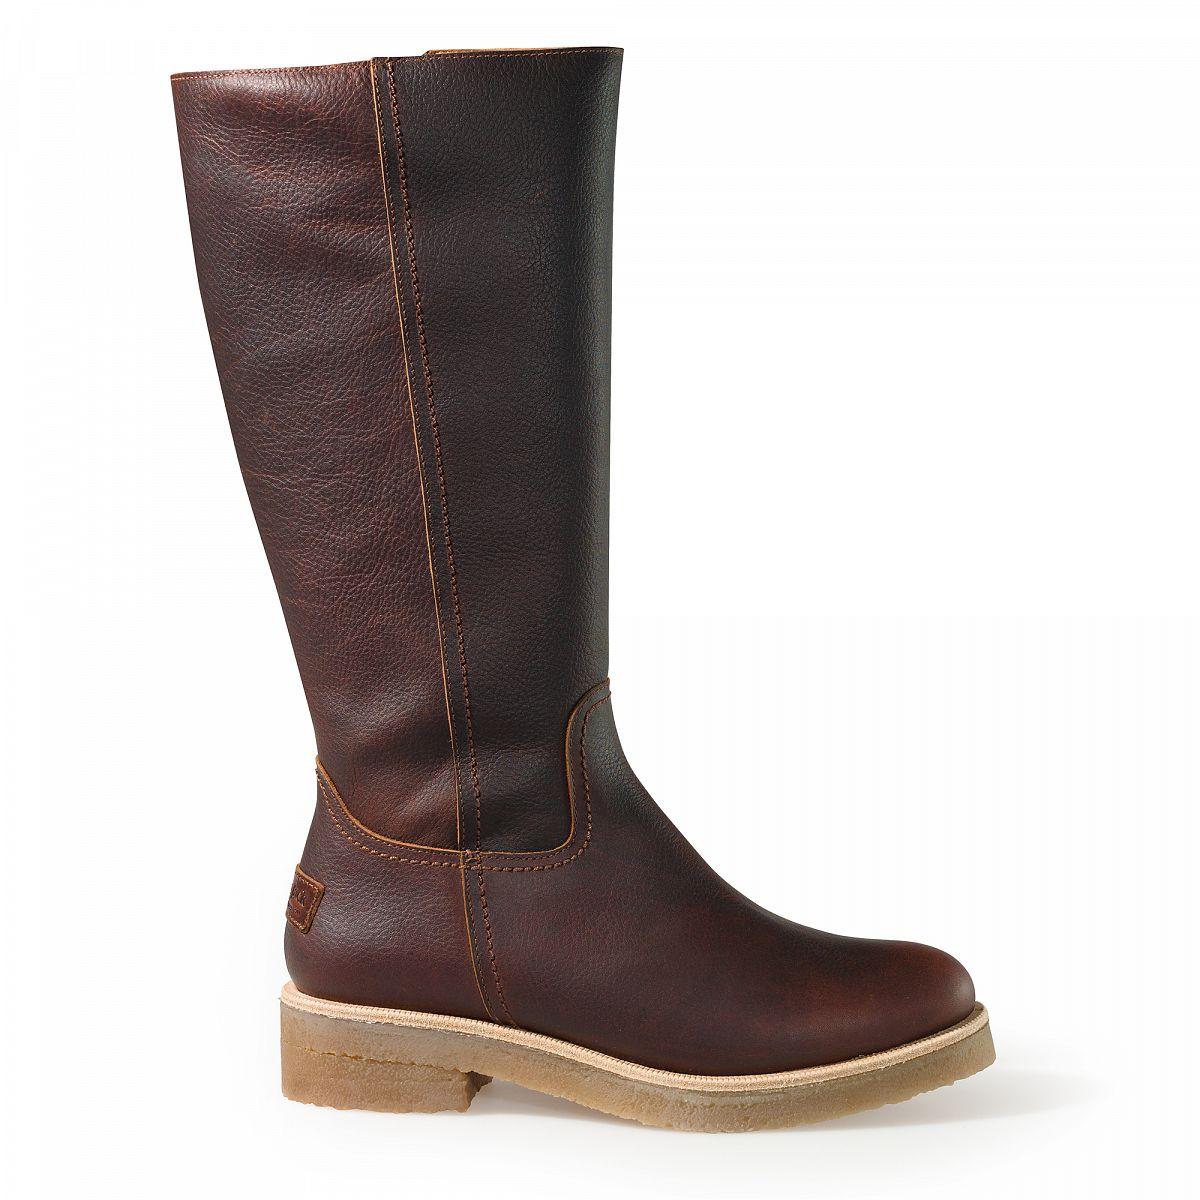 Womens boots caren chestnut panama jack 174 online shop